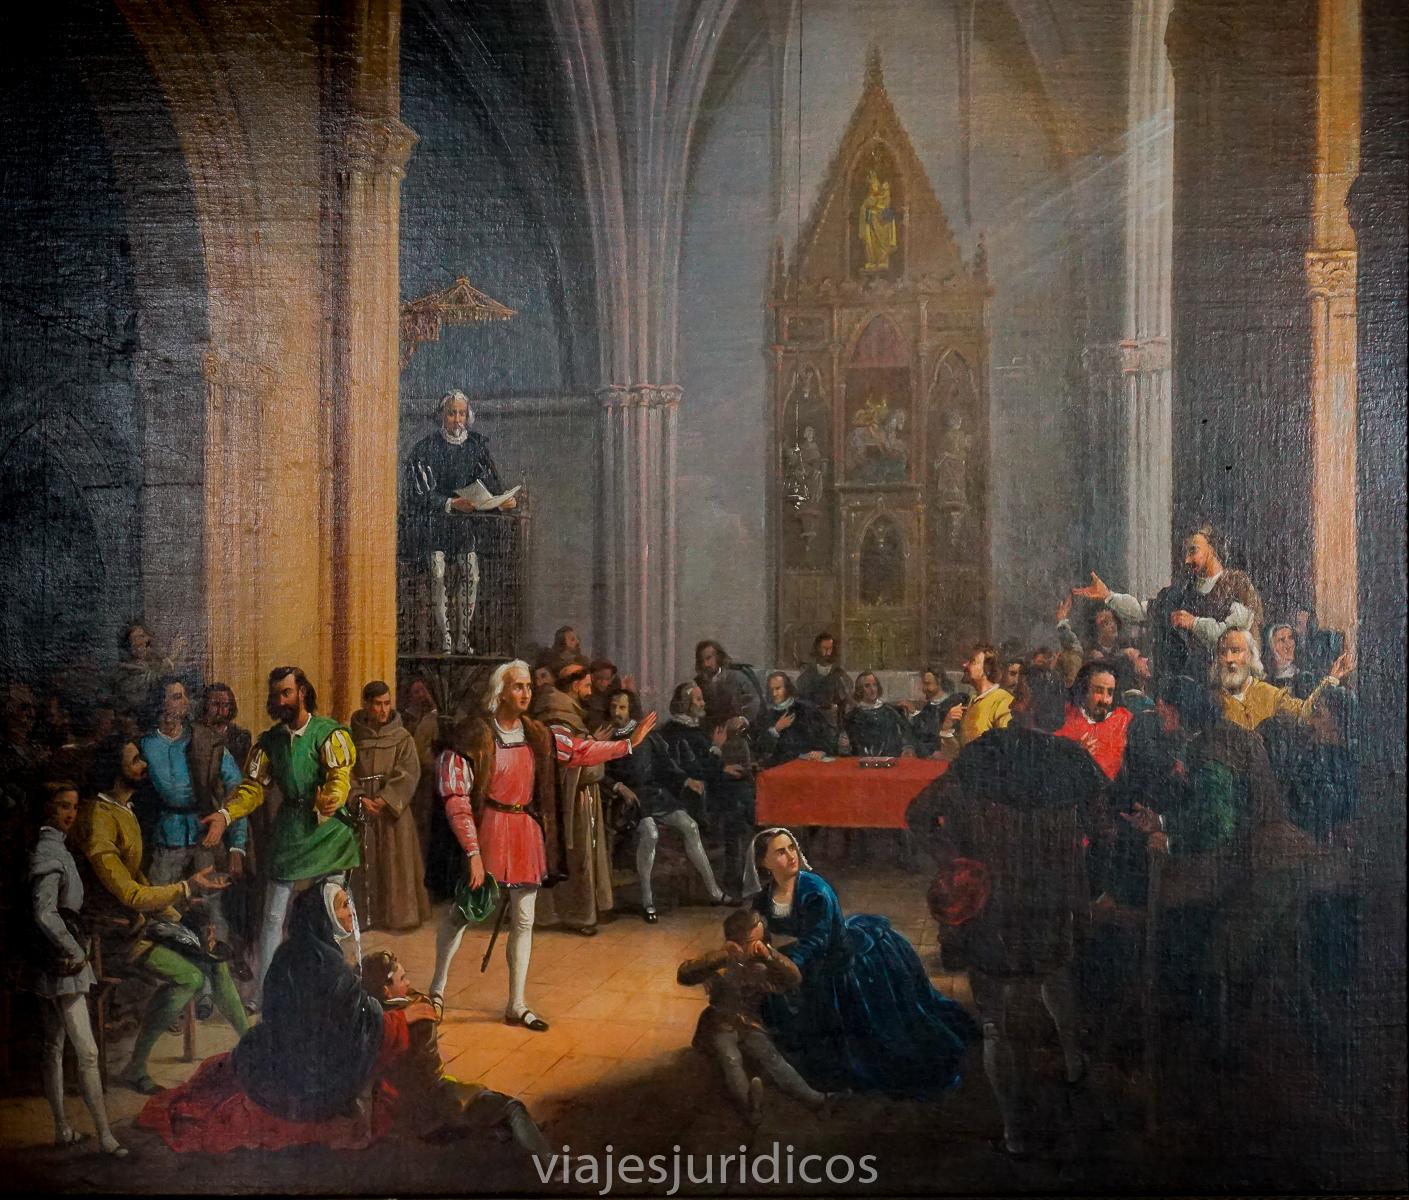 La Real Provisión de los Reyes Católicos leída en Palos de la Frontera en 1492. Cristóbal colón su primer viaje. Lugares Colombinos